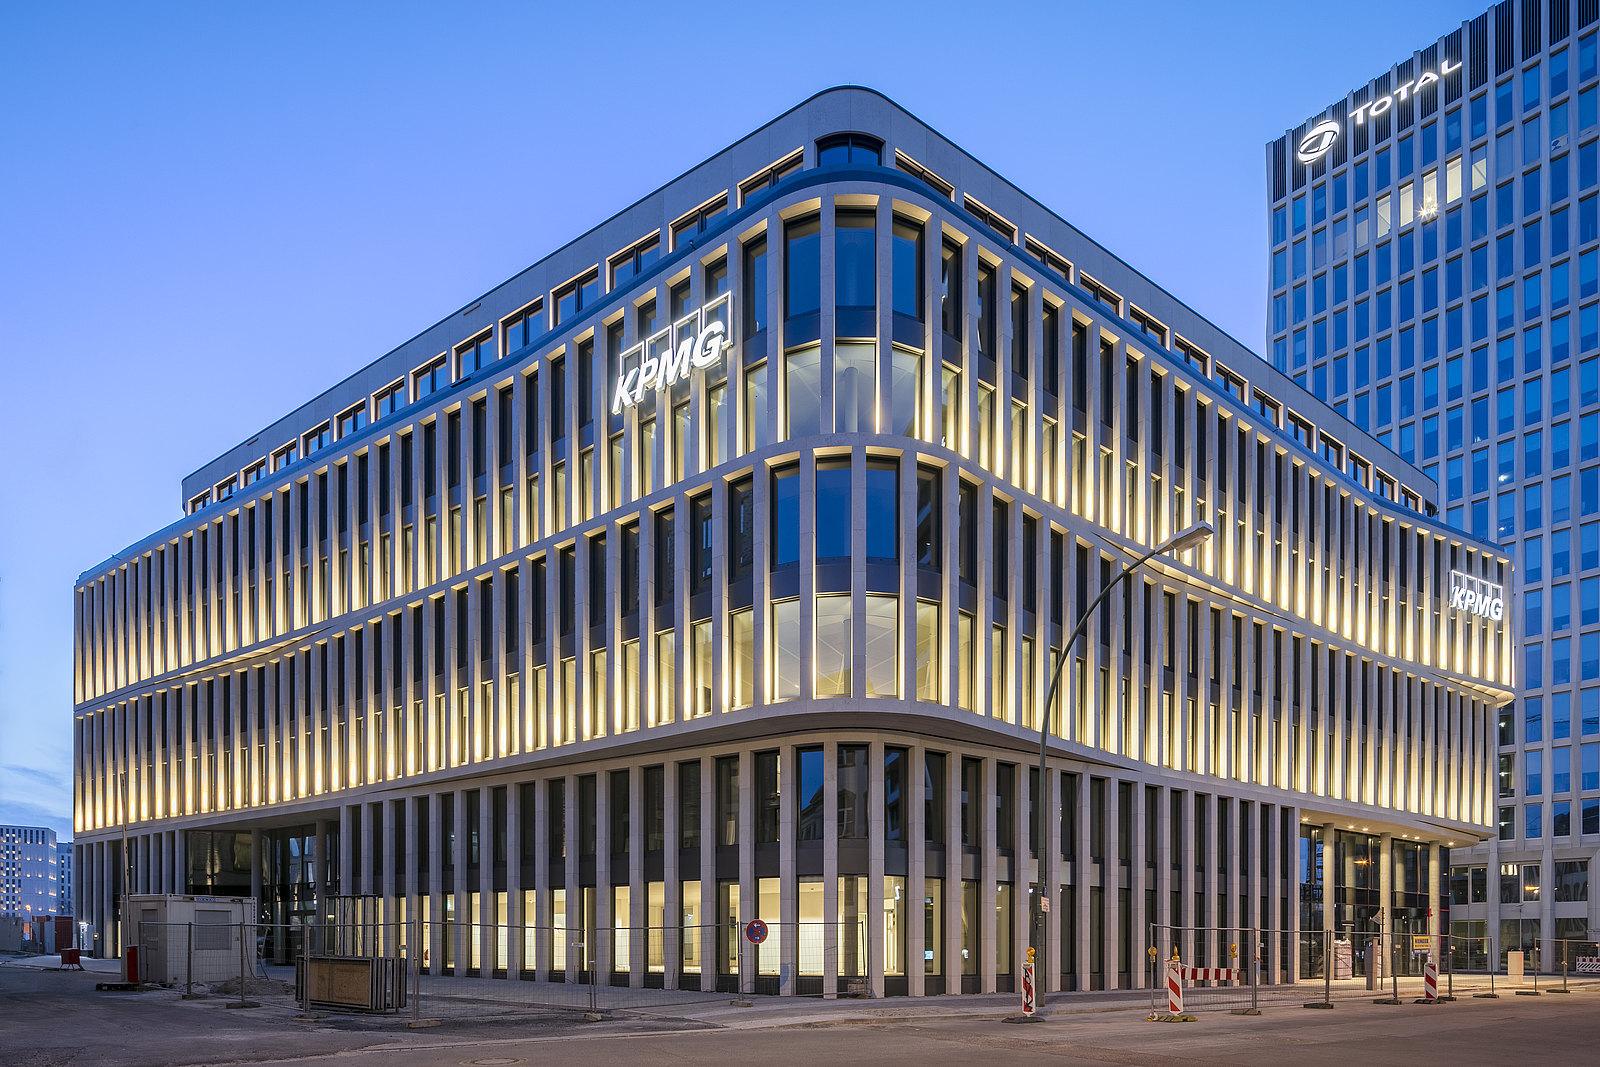 Incrementa optimismo frente a entorno de negocios complejos: KPMG